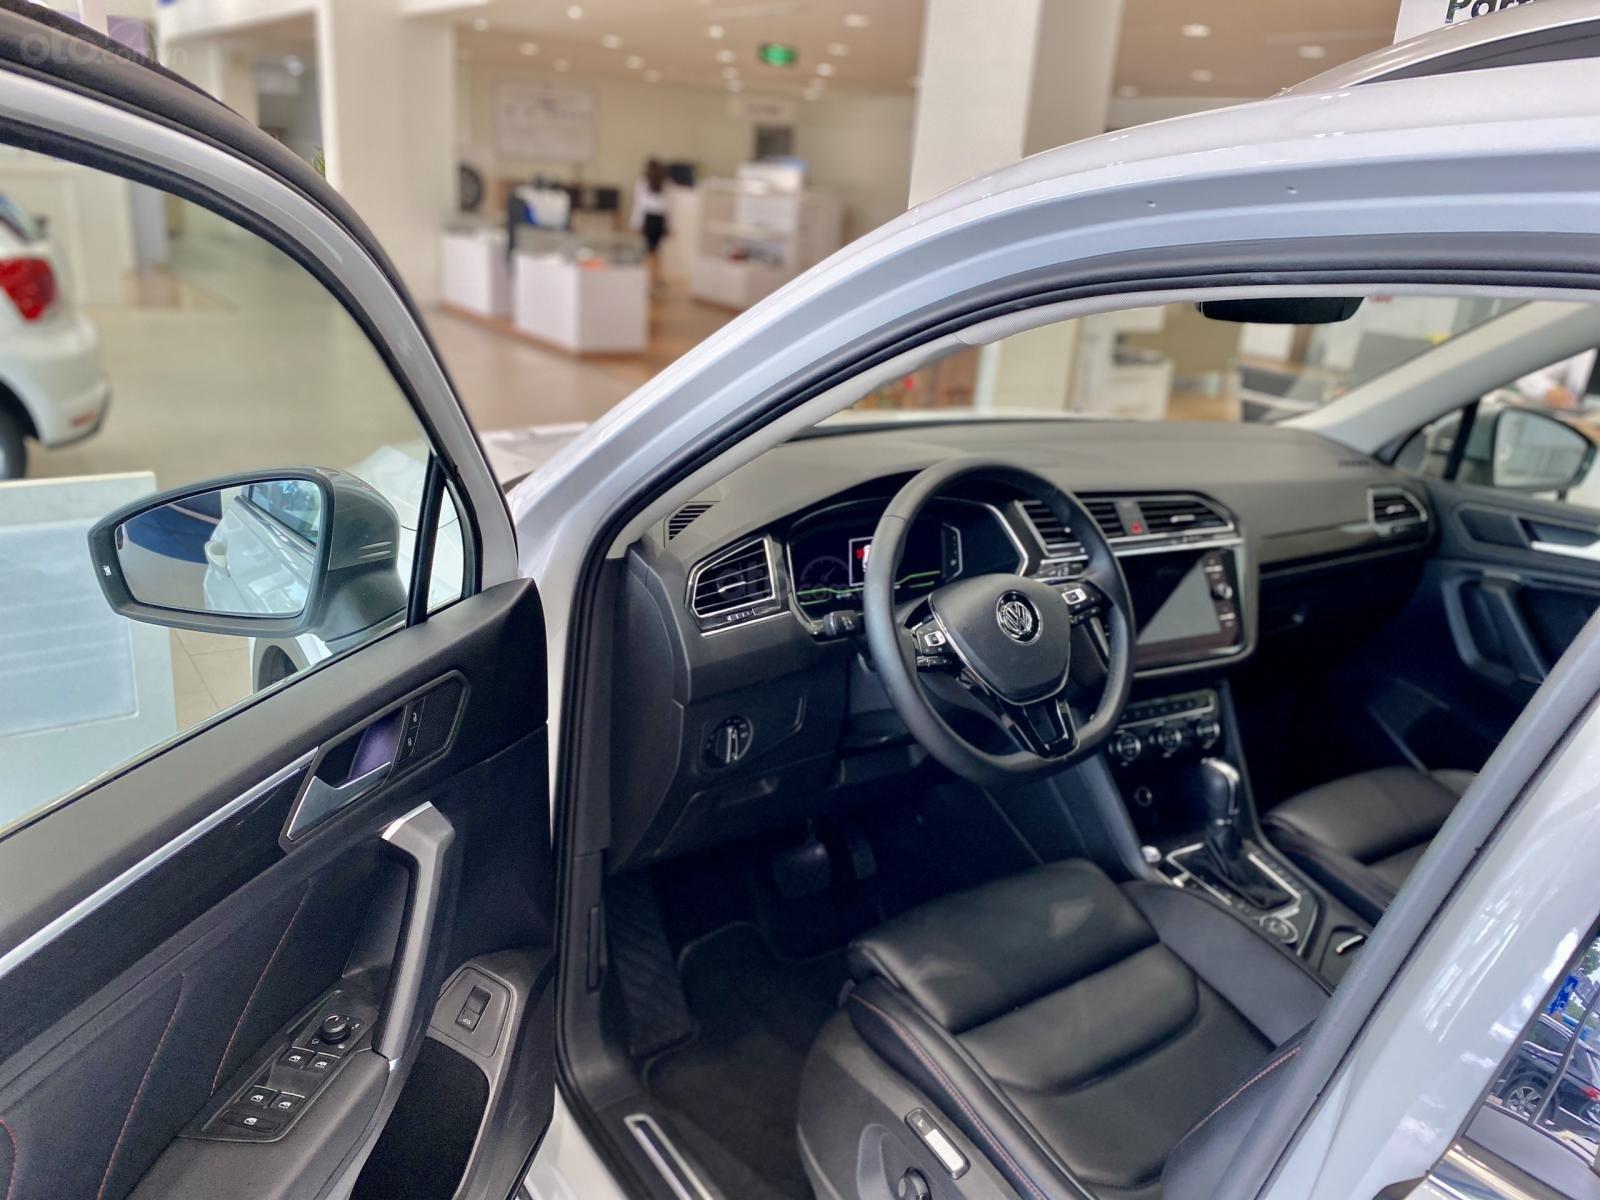 Volkswagen Tiguan Luxury Topline màu trắng, nâng cấp sang trọng - SUV 7 chỗ nhập khẩu - KM tháng ngâu lên đến 170 triệu (7)